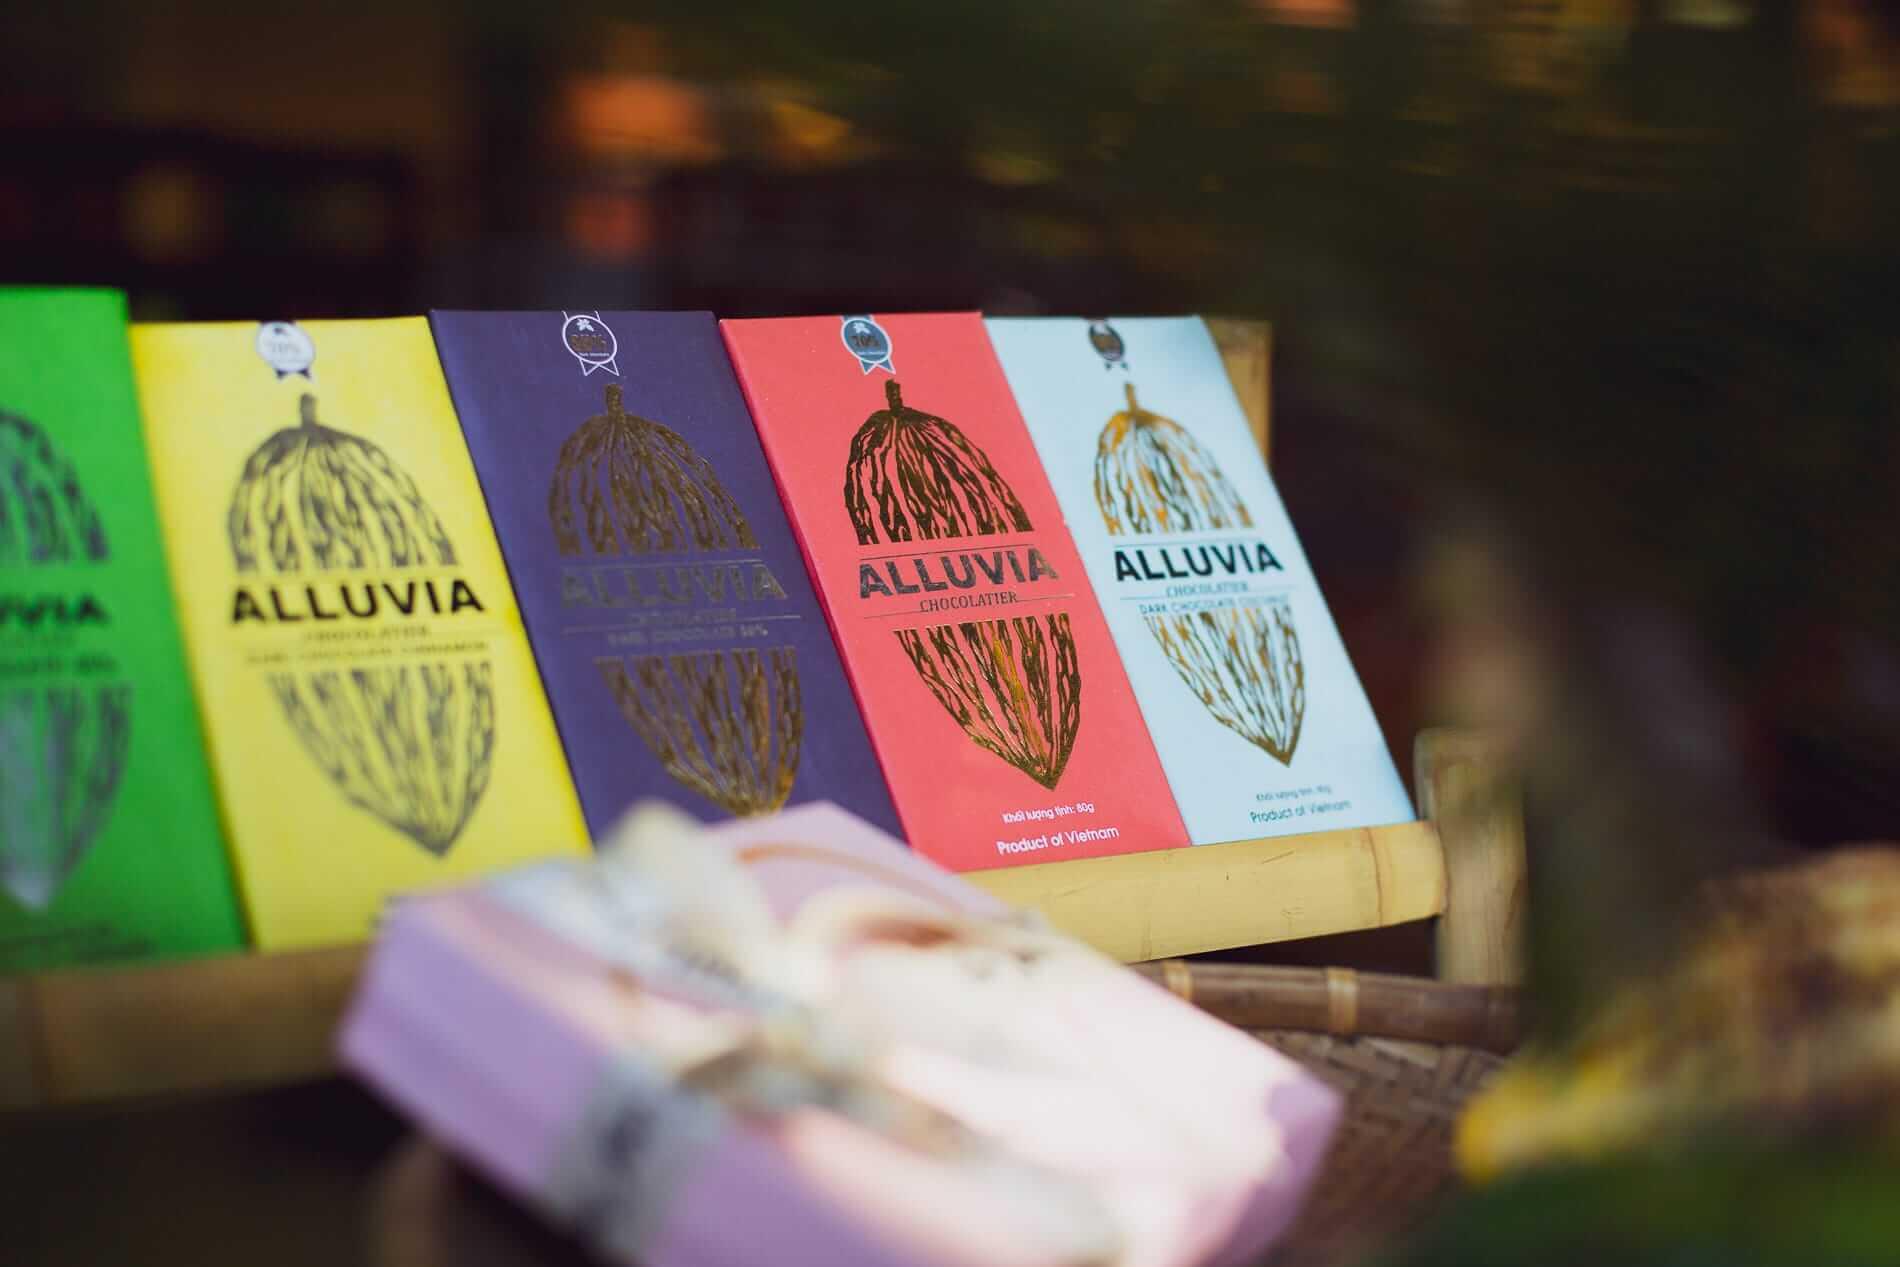 Alluvia Chocolate: Premium chocolate in Vietnam